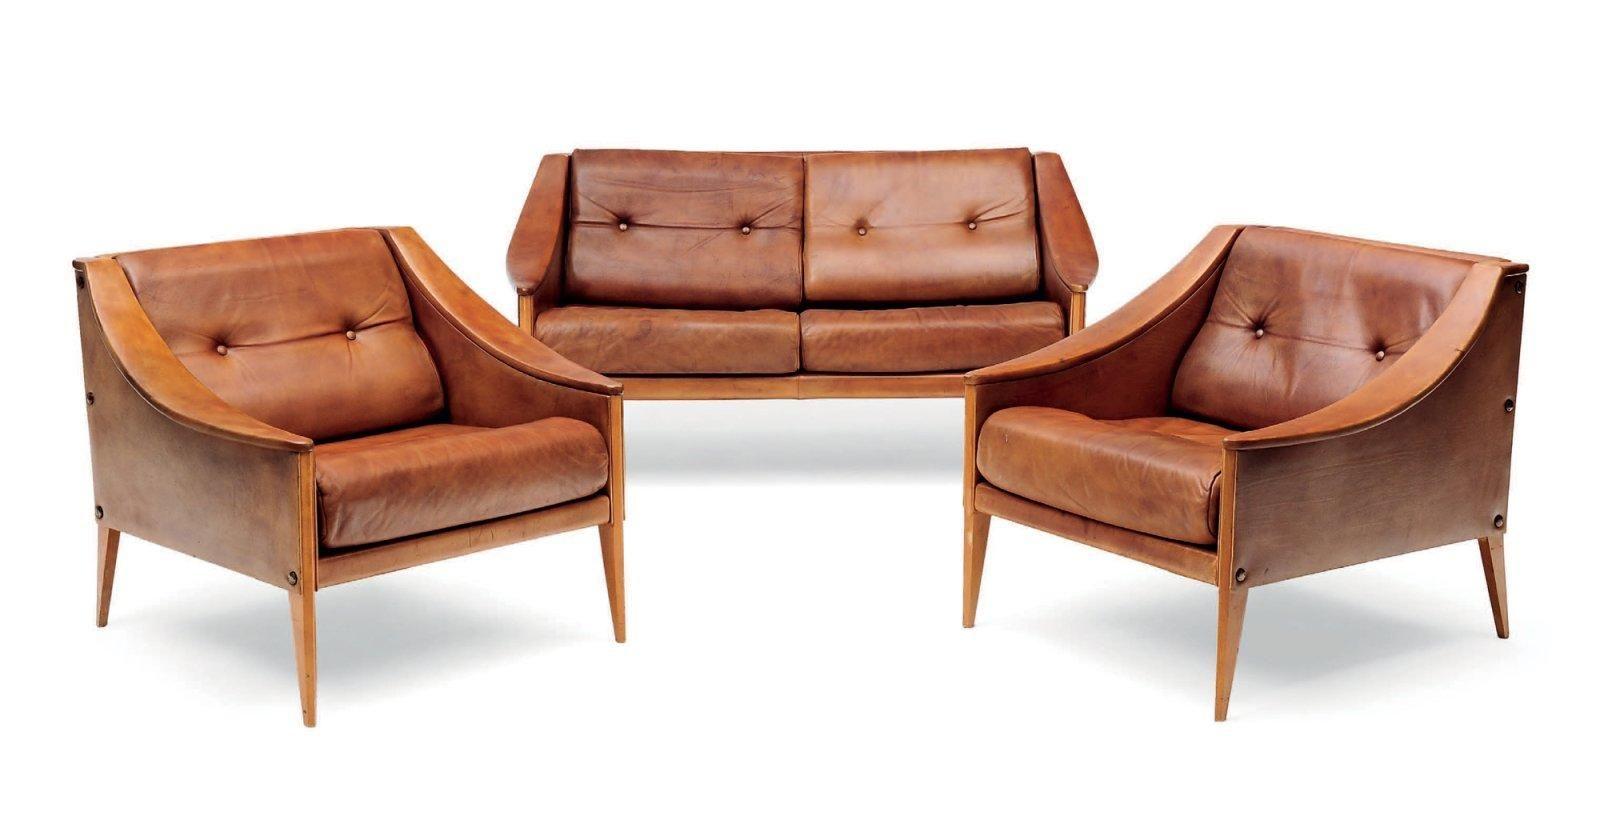 H Et H Canapé gio ponti (1891-1979) canapé et paire de fauteuils dezza